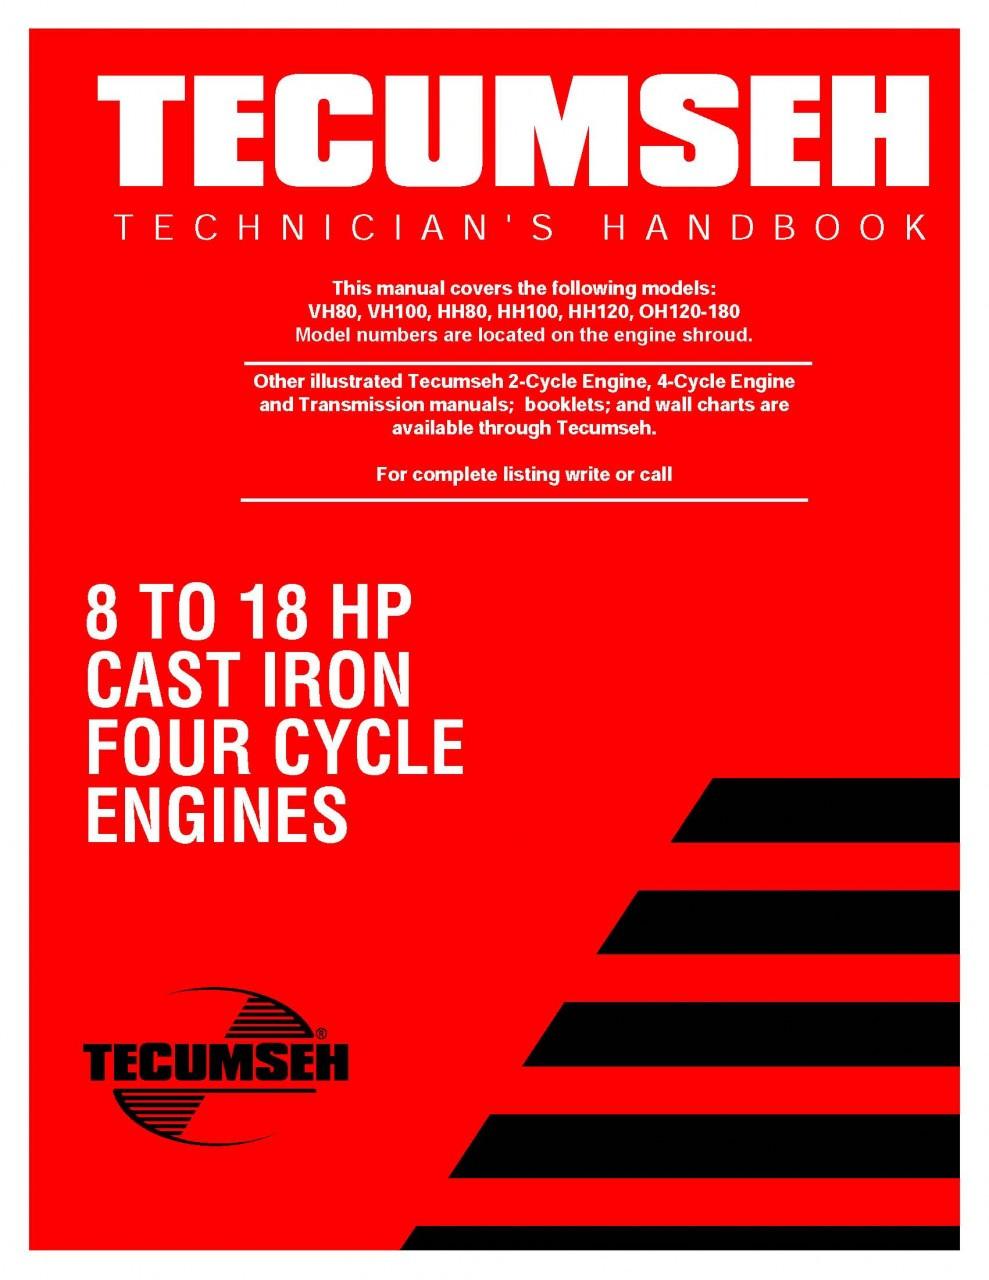 tecumseh engine service repair manual ohh ohv 4 cycle ohh50 65 rh repairmanuals4u com Parts Manual Parts Manual